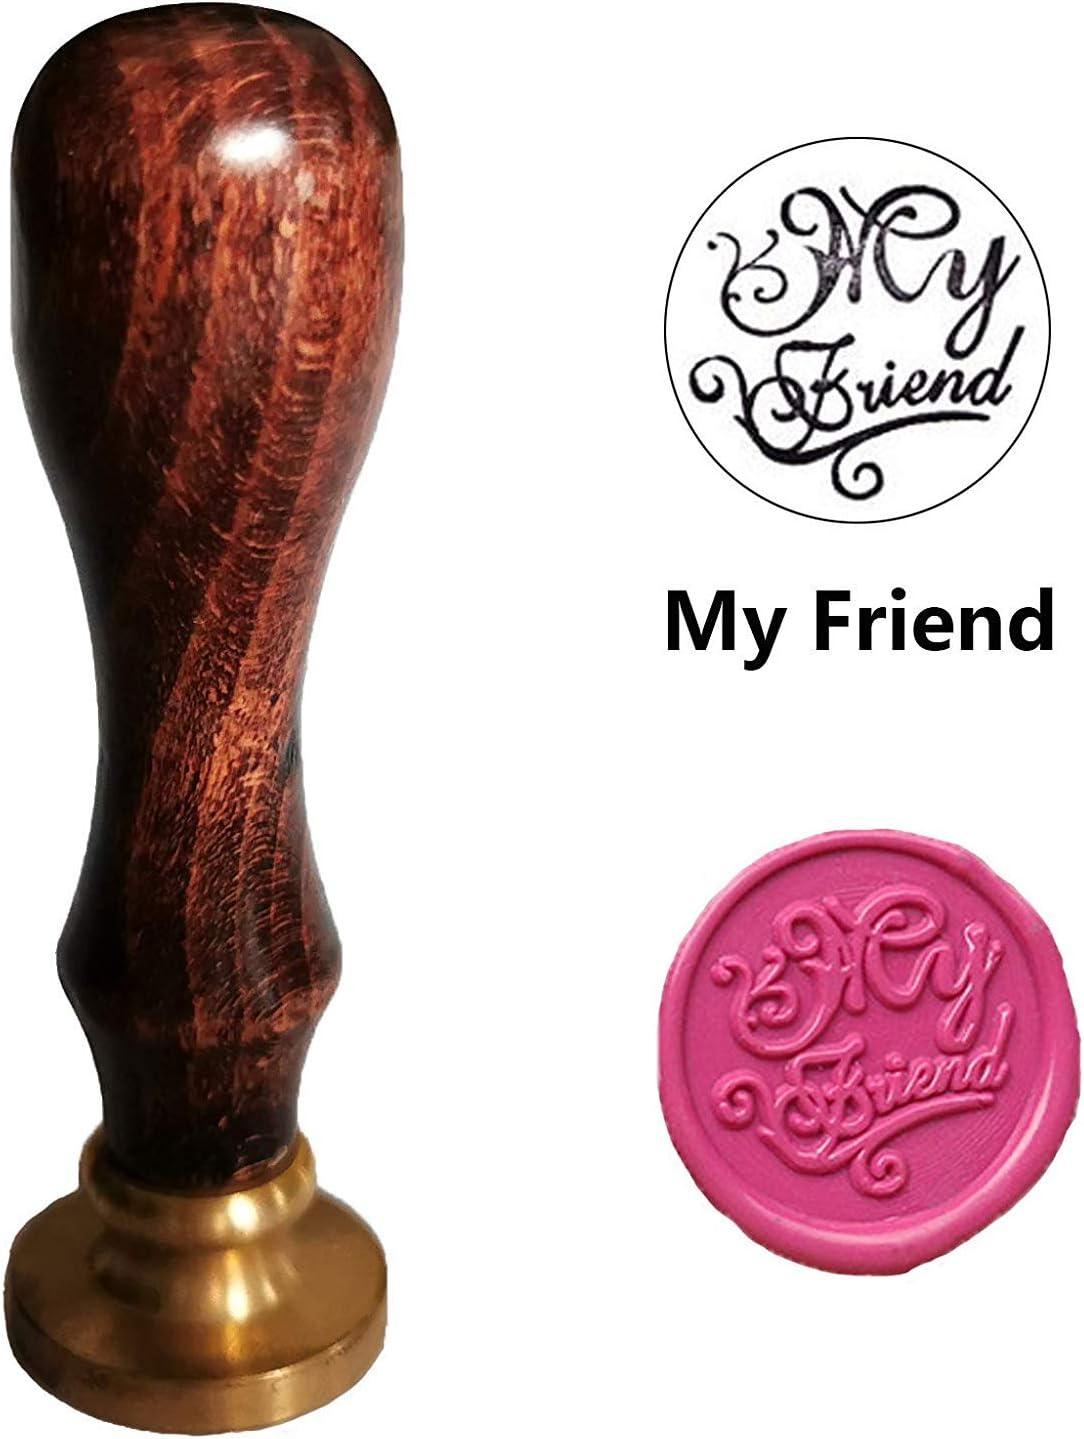 6 tampons interchangeables en laiton Arbre de vie abeille 1 t/ête en bois /élan rose couronne remerciement. Lot de 6 tampons de cire vintage r/étro avec bo/îte cadeau